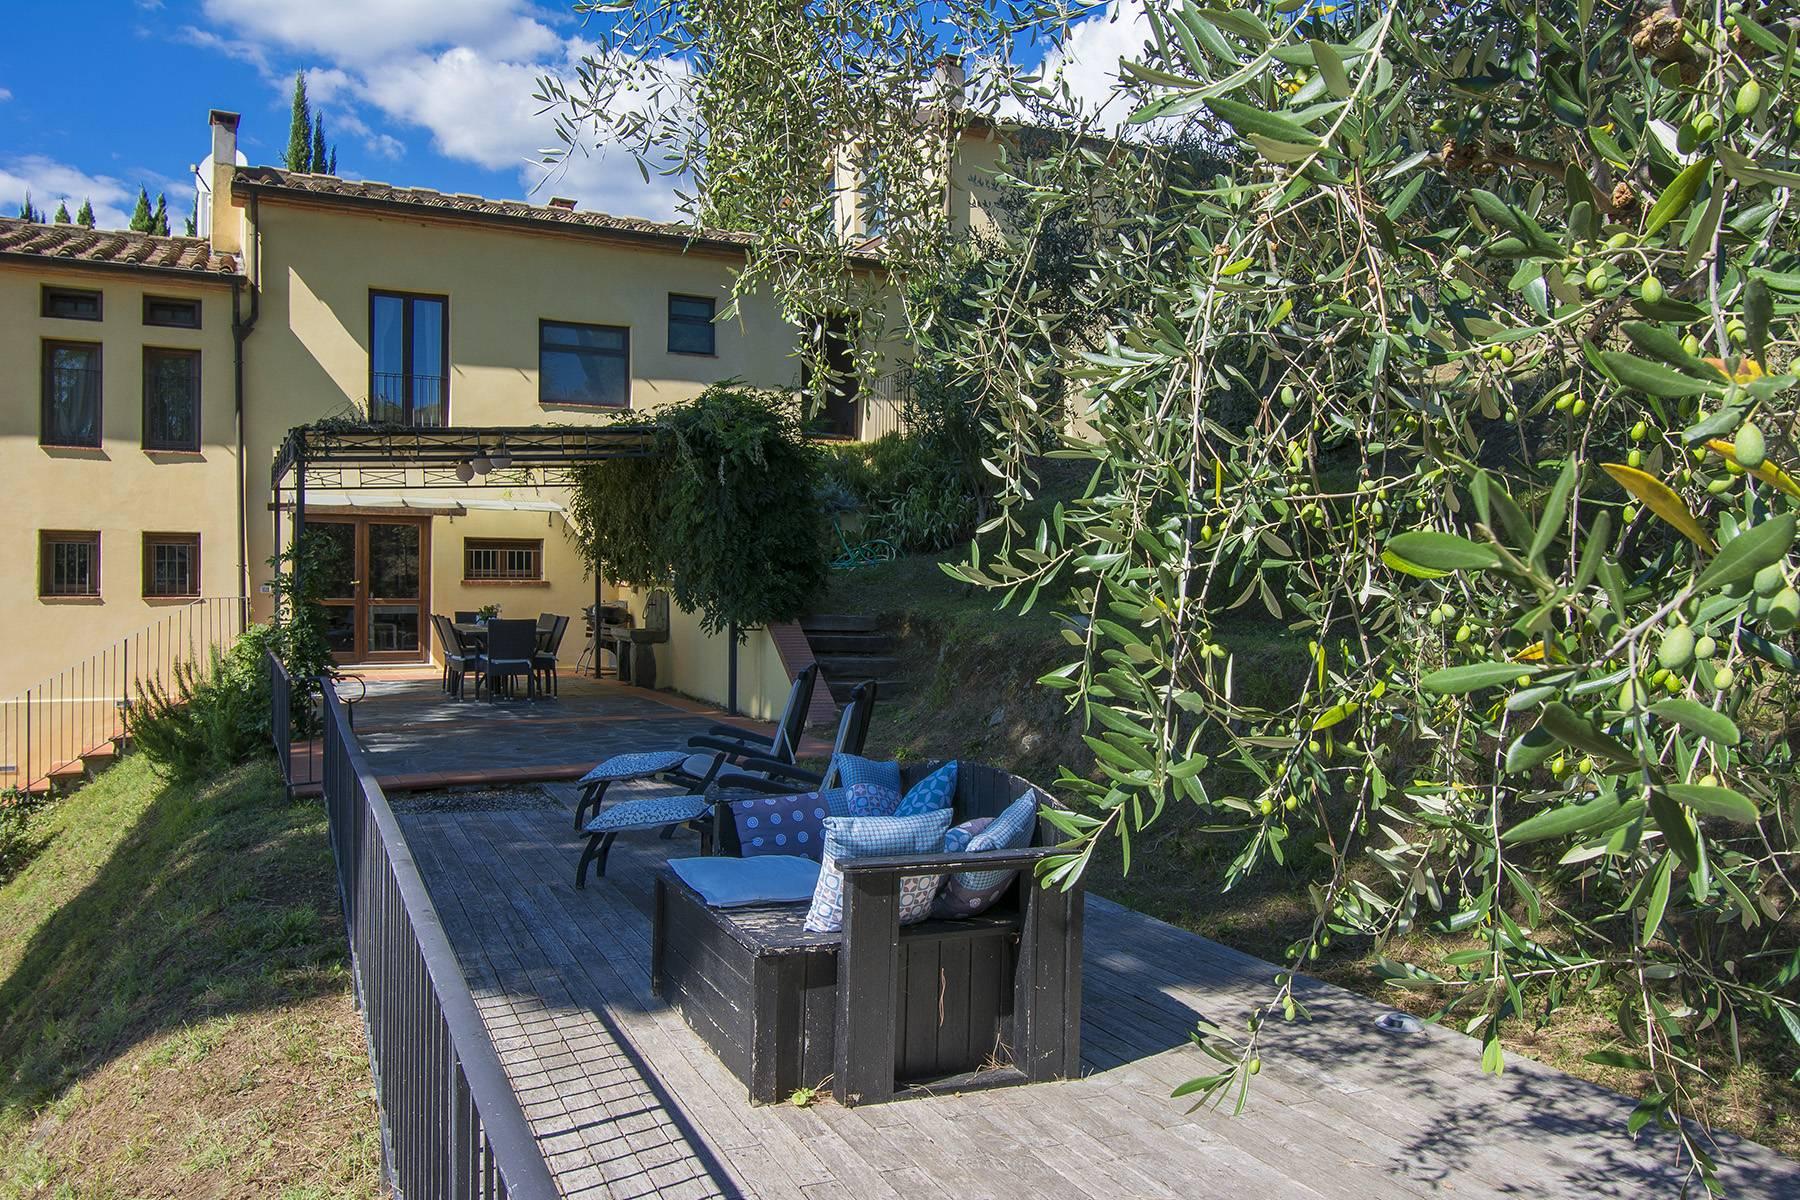 Villa in Vendita a Montecatini-Terme: 5 locali, 250 mq - Foto 4